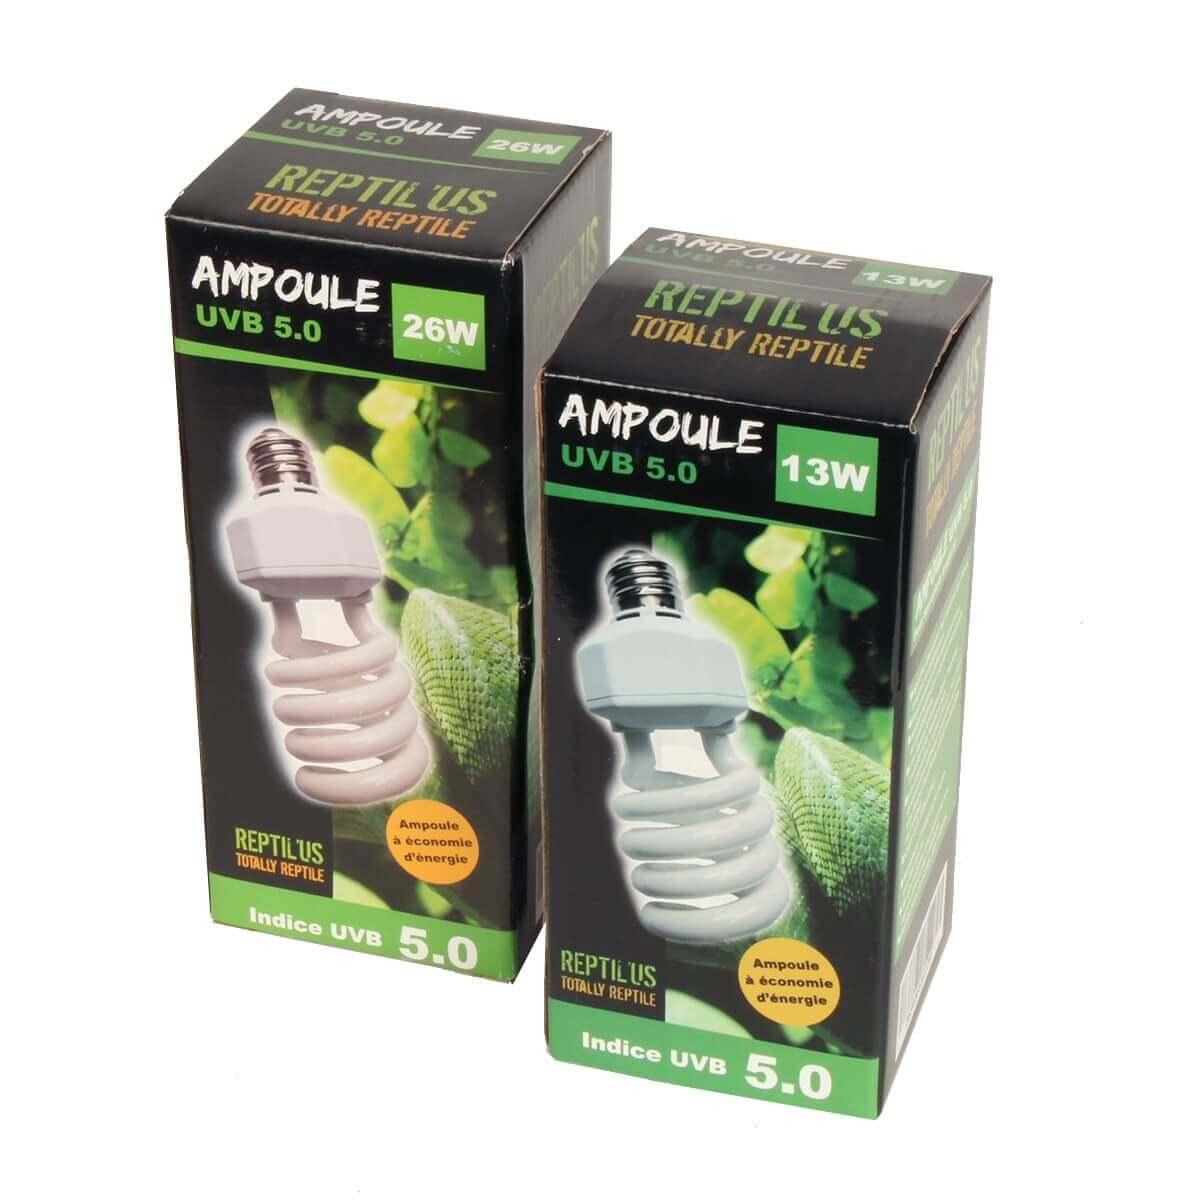 Ampoule Reptilus UVB 5.0 climat tropical_3